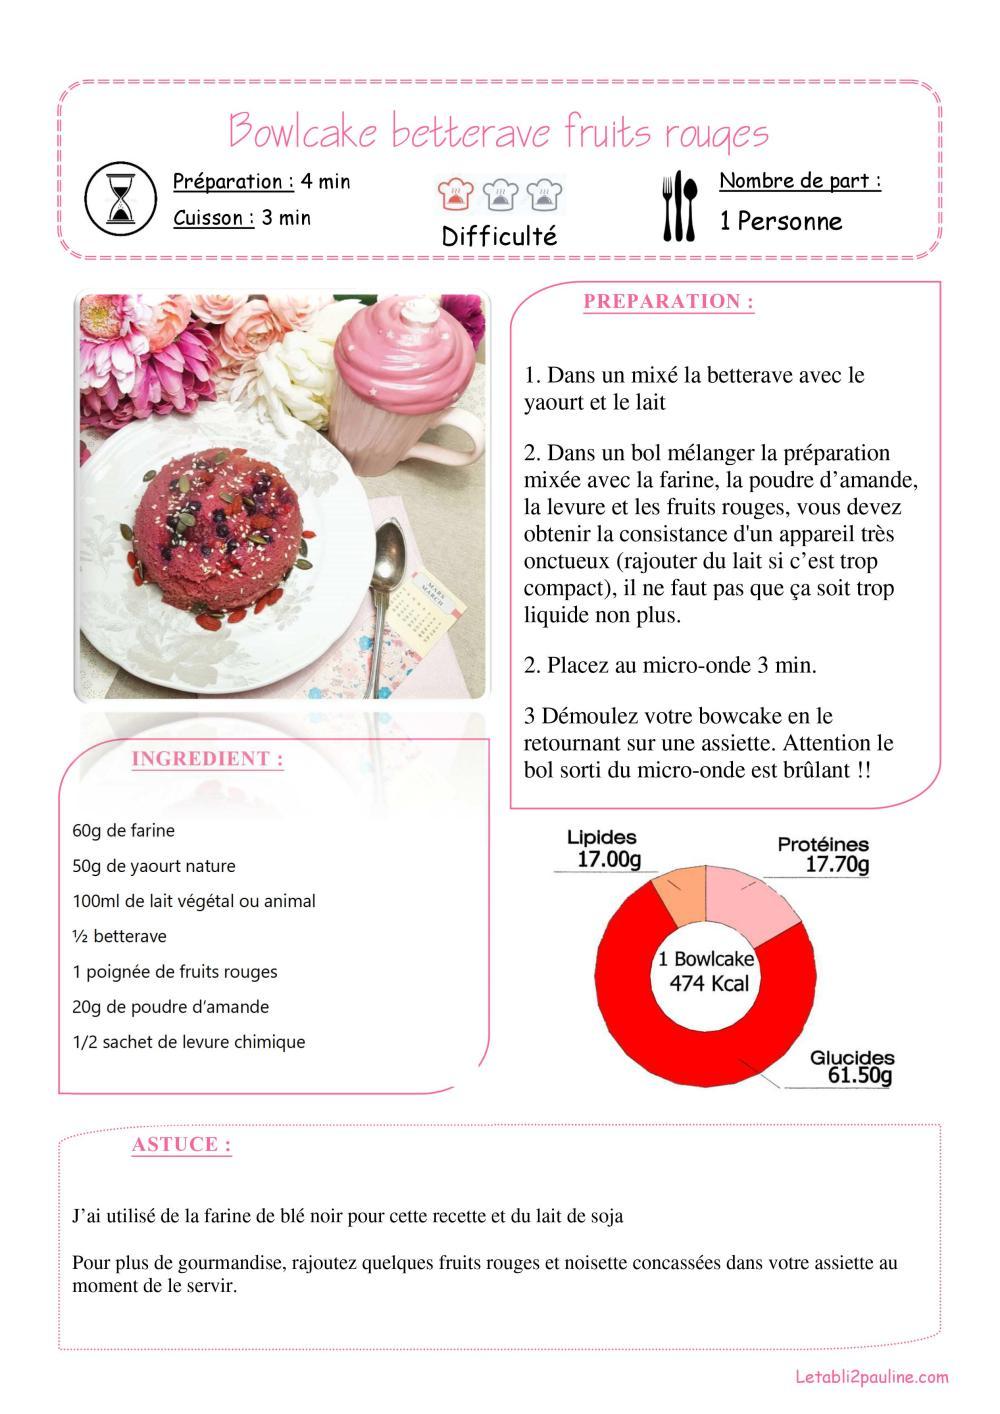 Fiche recette Bowlcake betterave fruit rouge